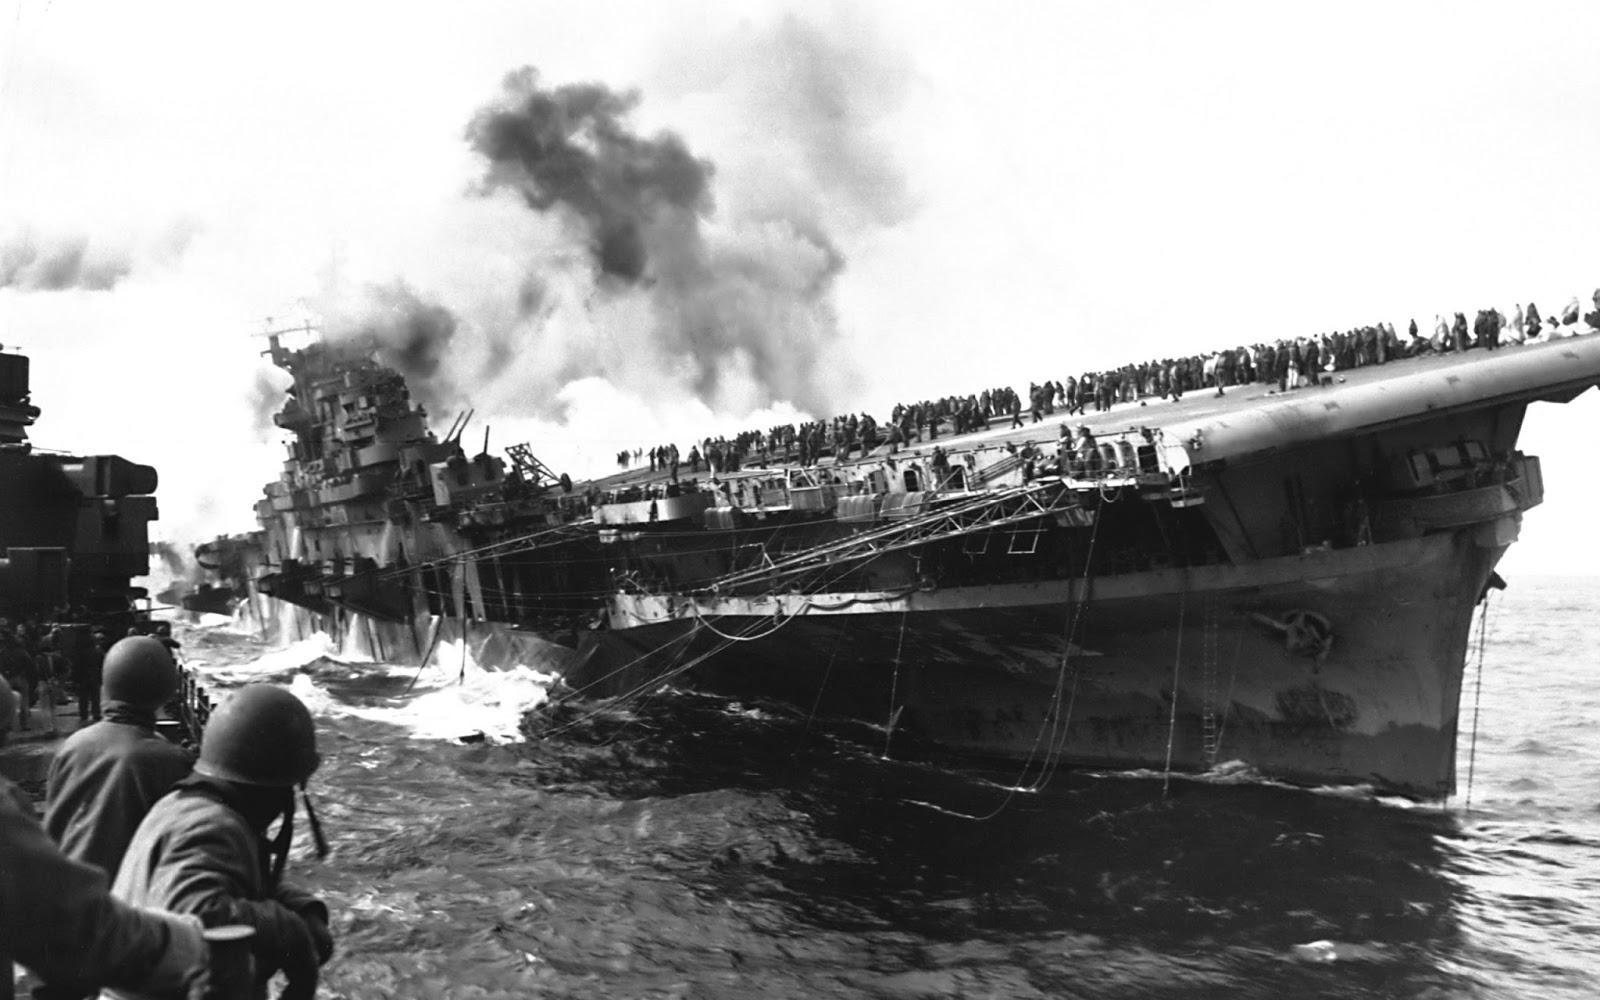 world war 2 - photo #19